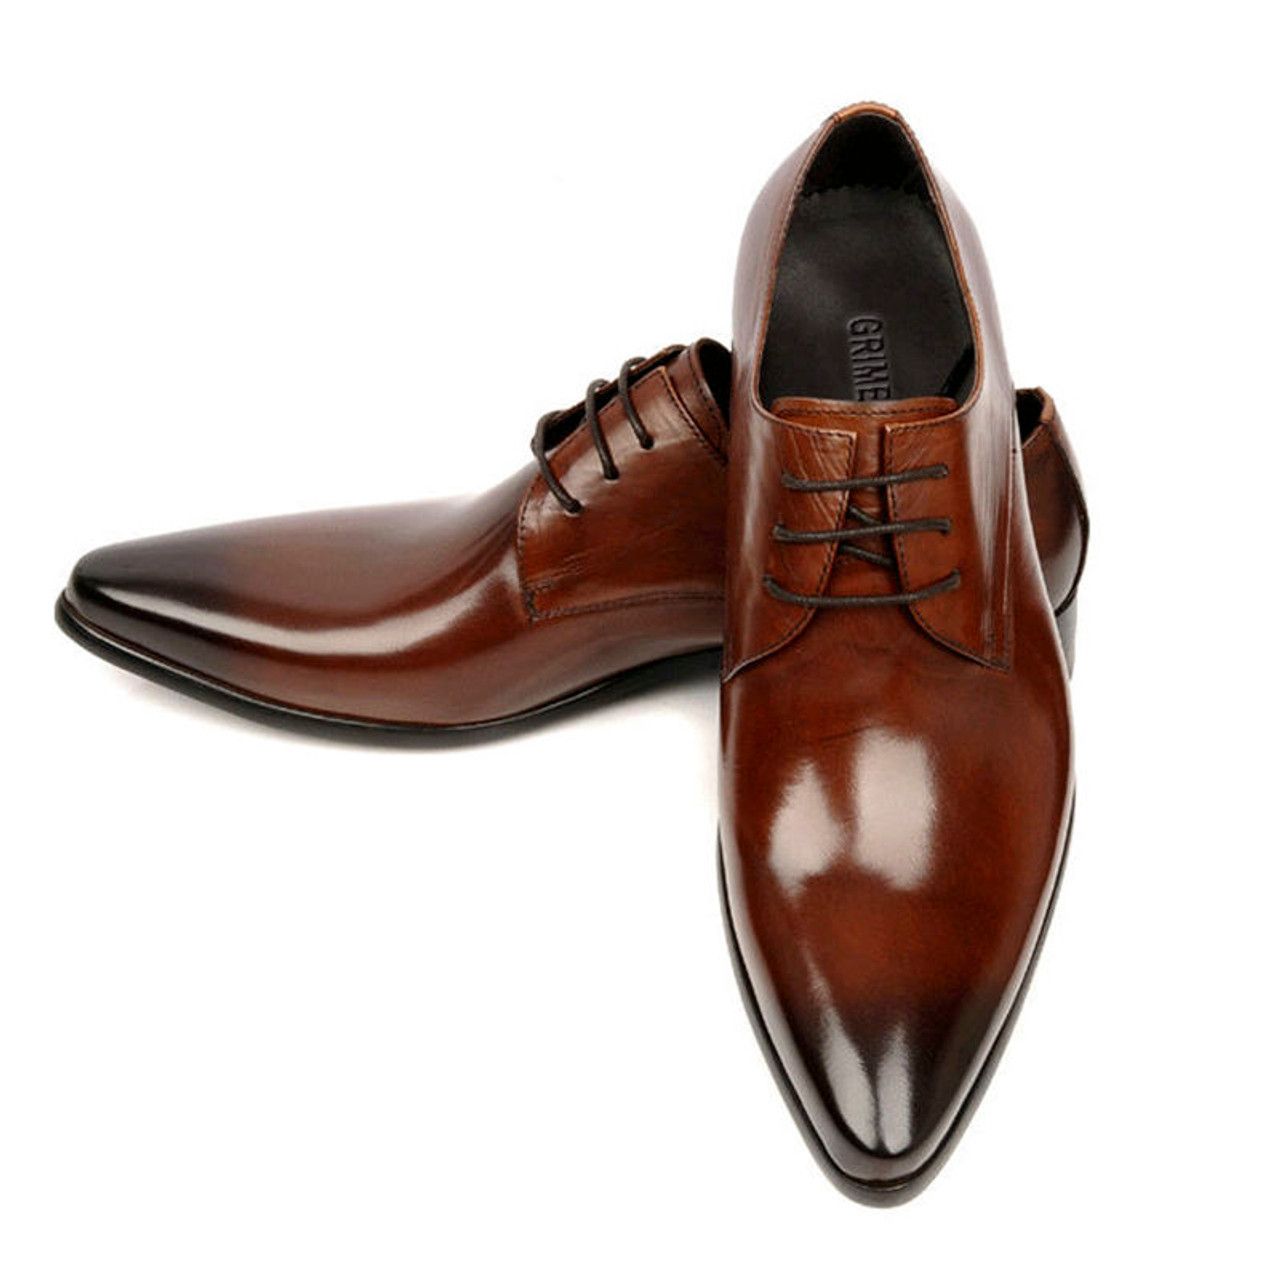 9ac25d90d80a Classic Men's Formal Derby Leather Dress Shoes